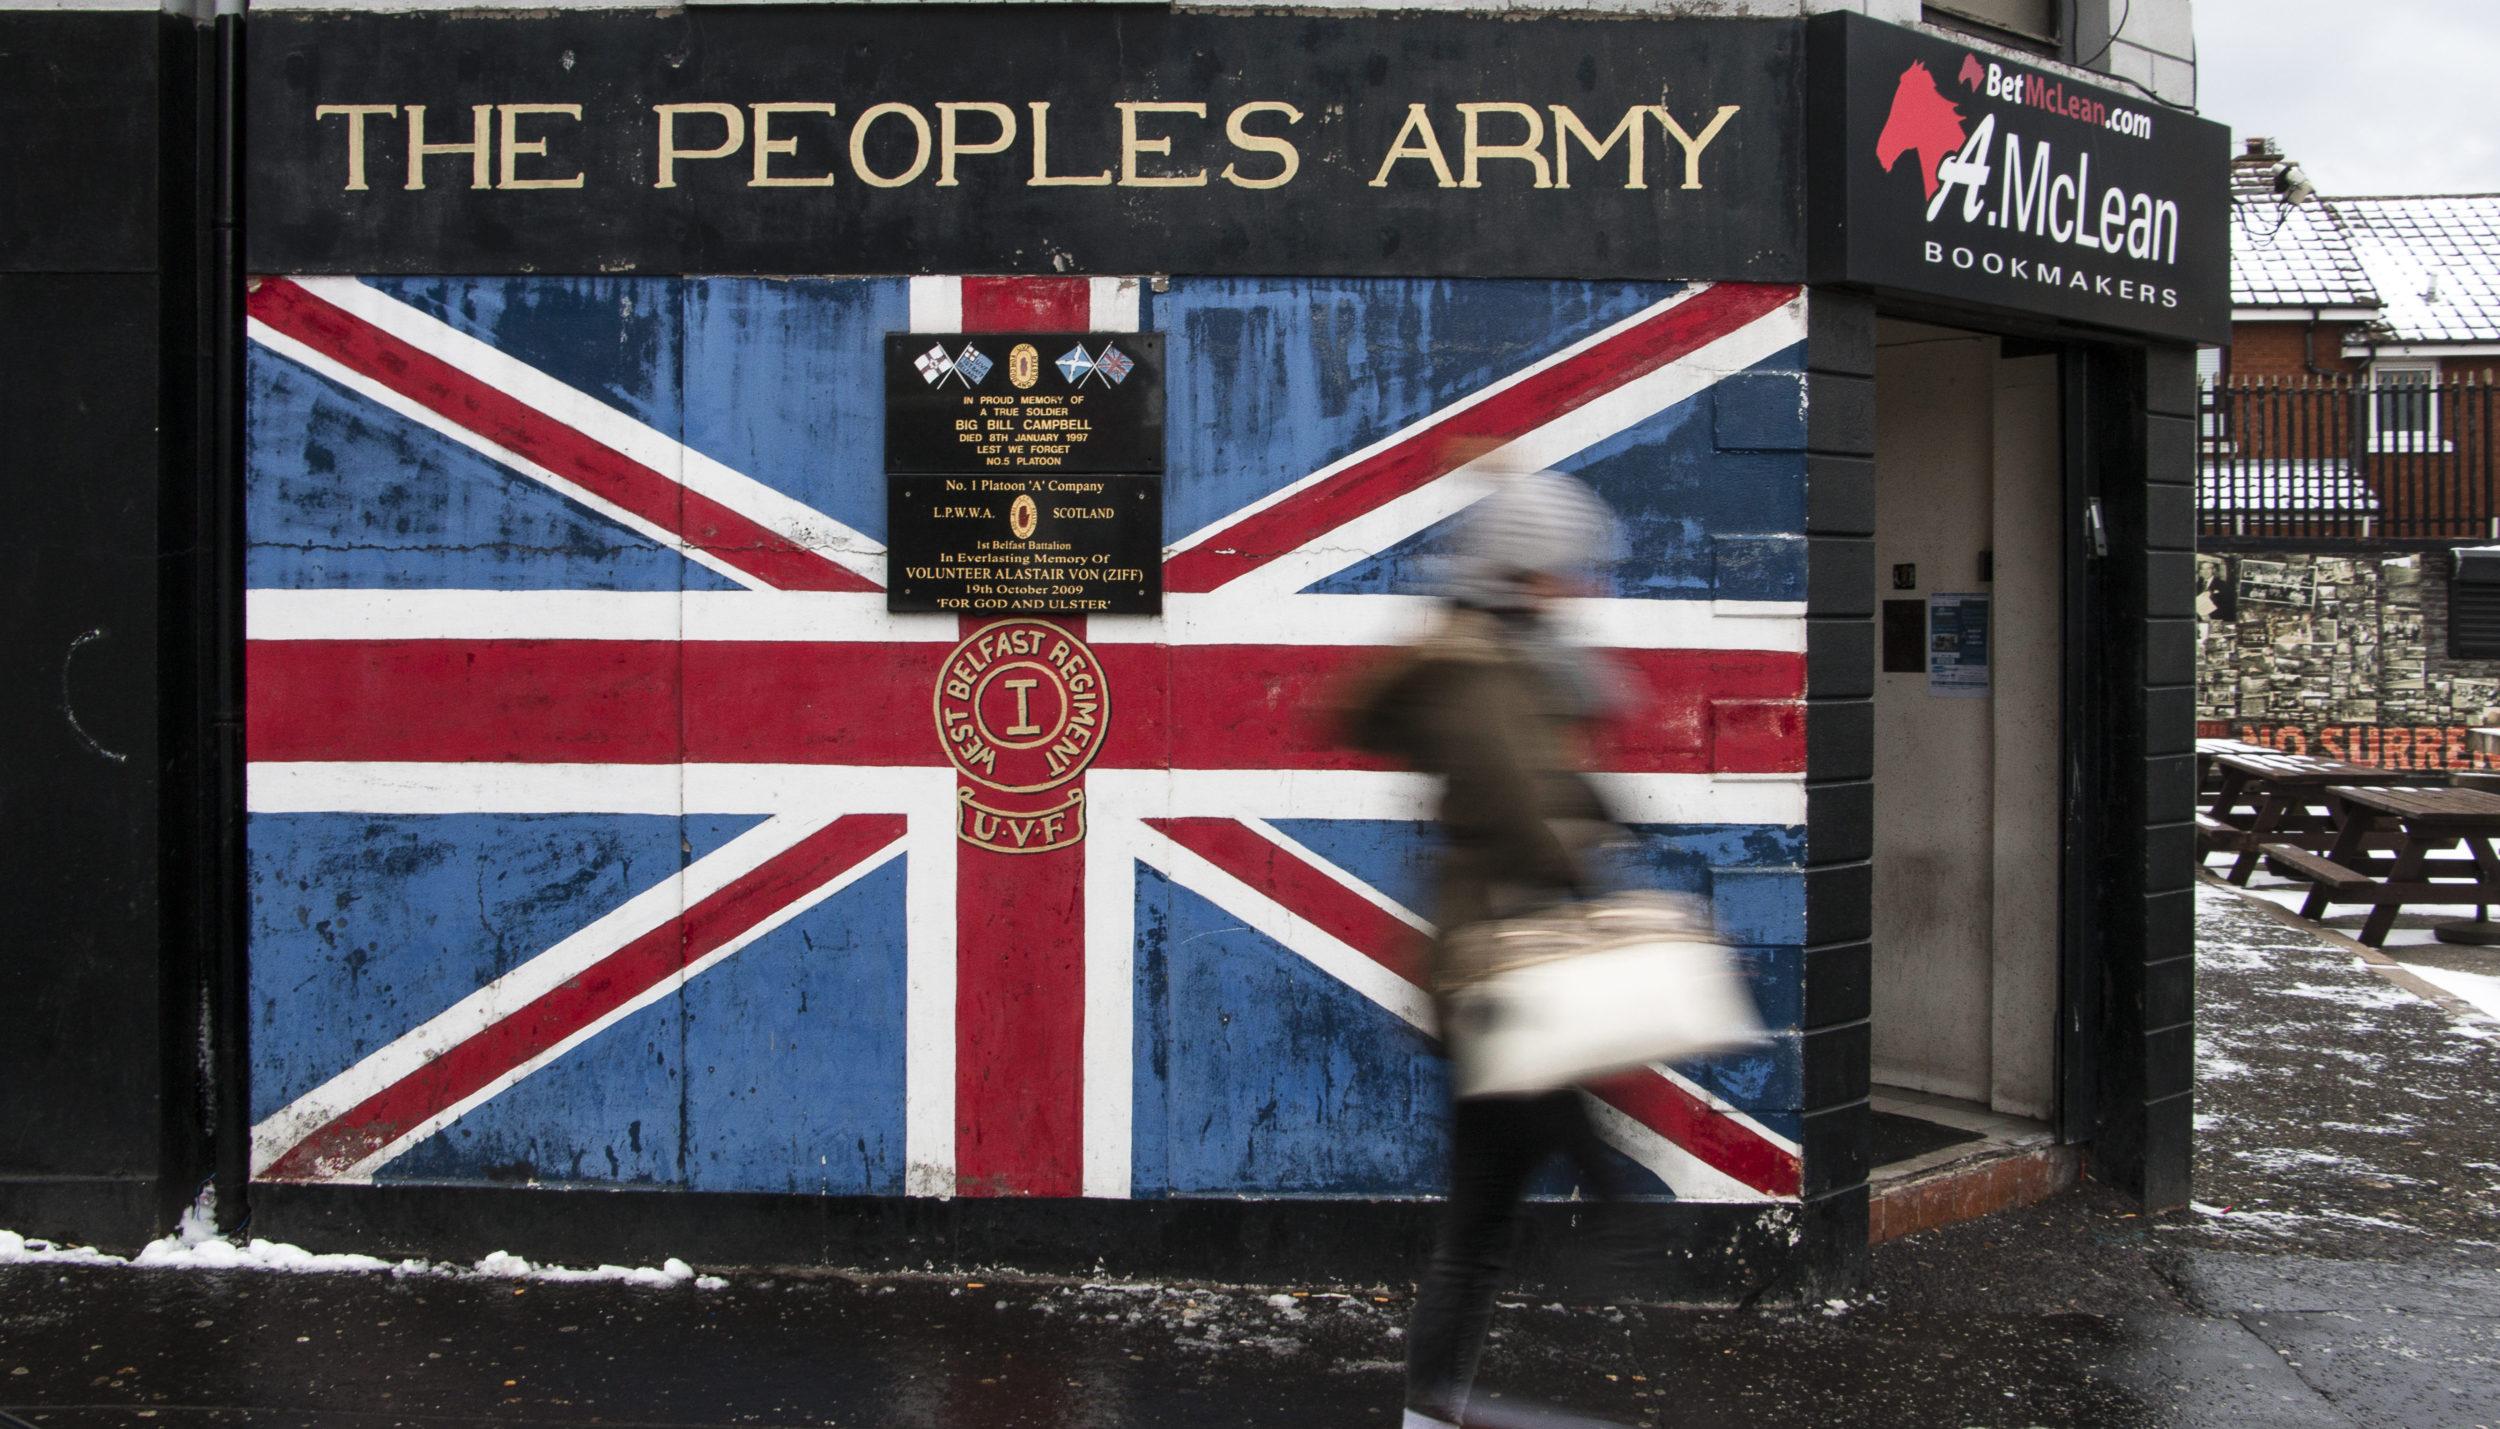 UVF-seinämaalaus Shankill Roadilla.